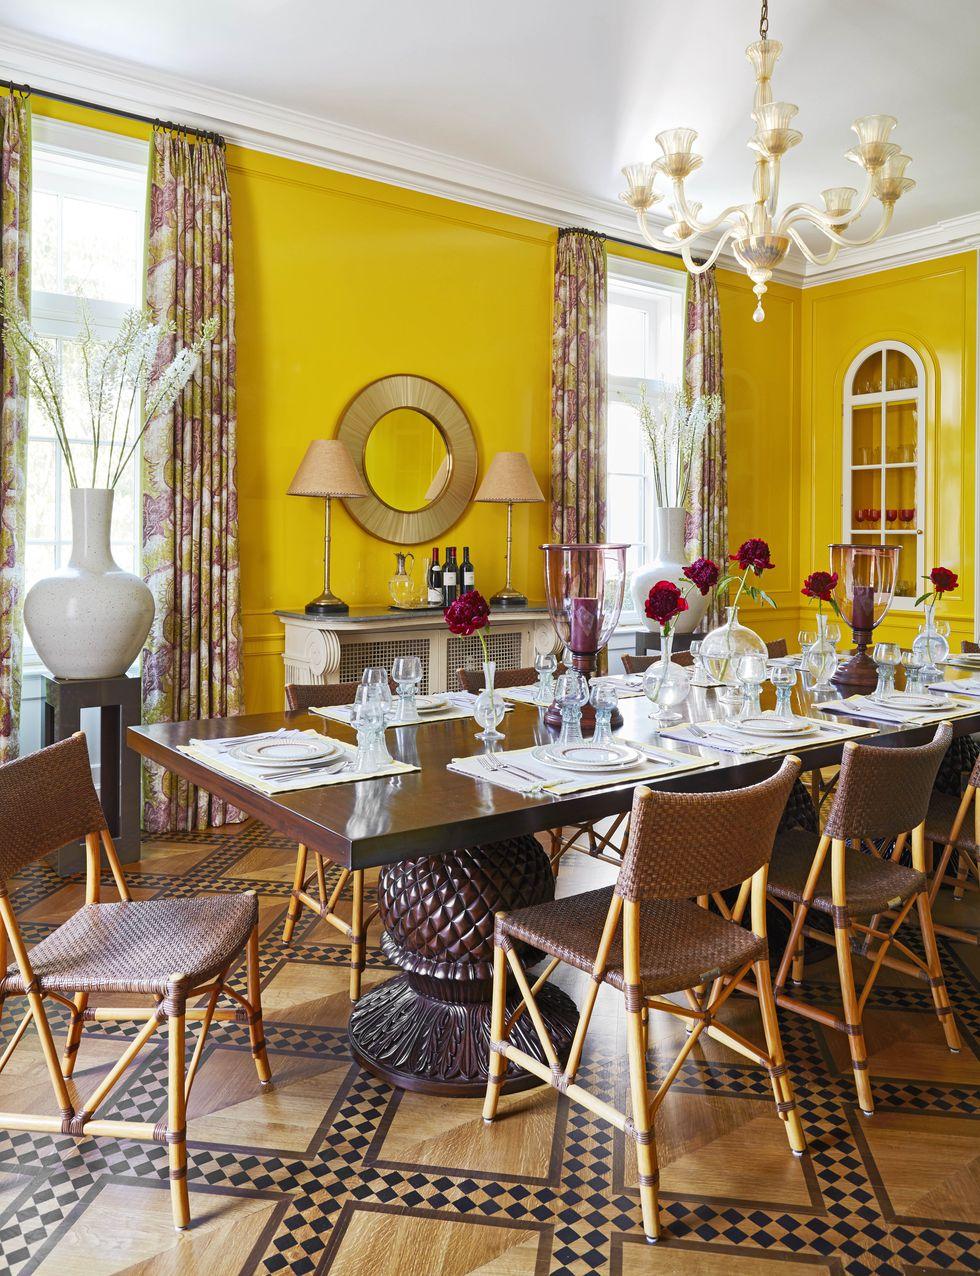 katie-ridder-hamptons-dining-room-veranda-1556138152.jpg